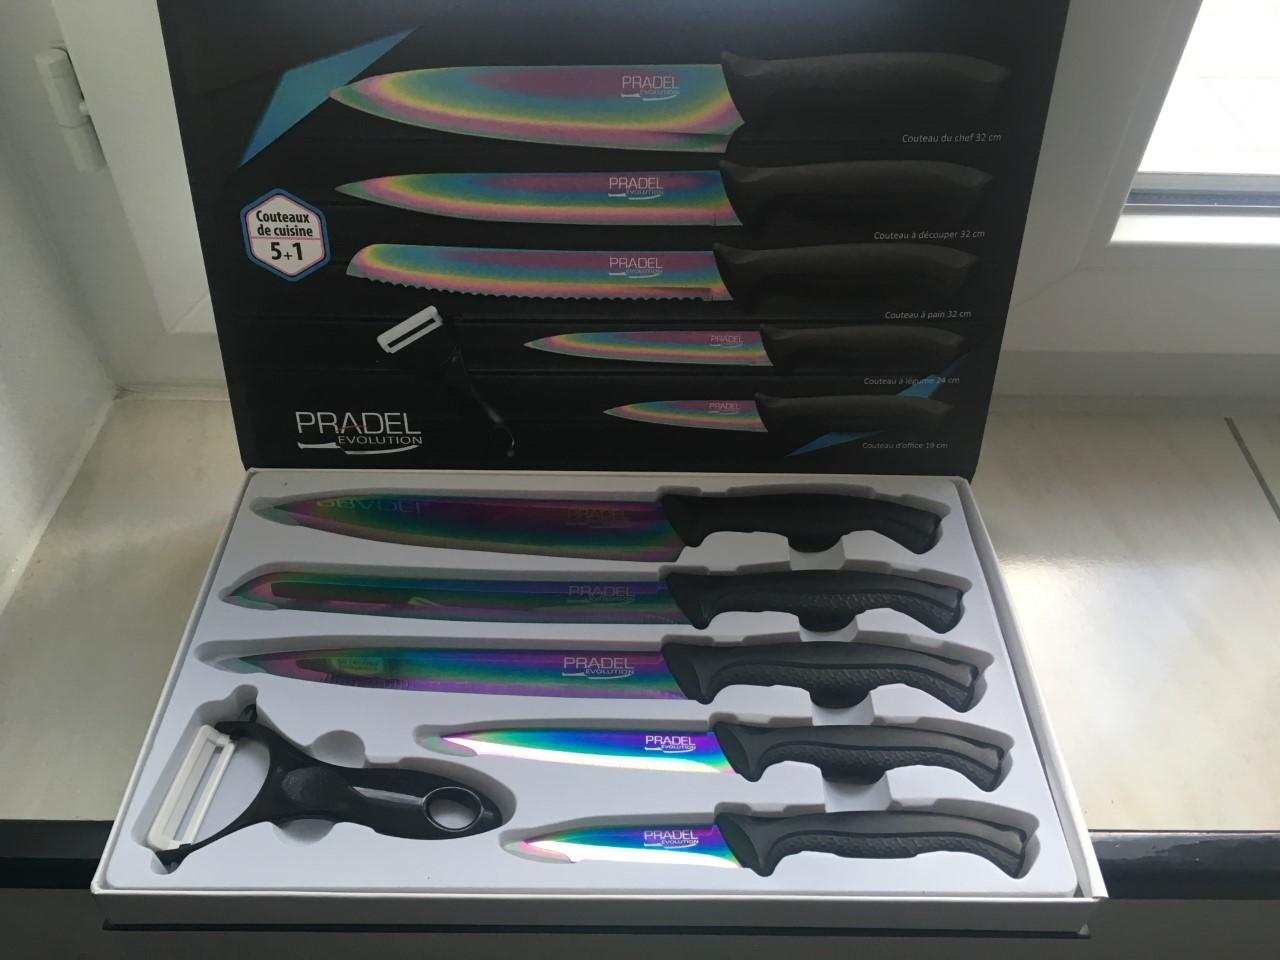 Coffret de 5 couteaux de cuisine au prix de 23,50 euros.